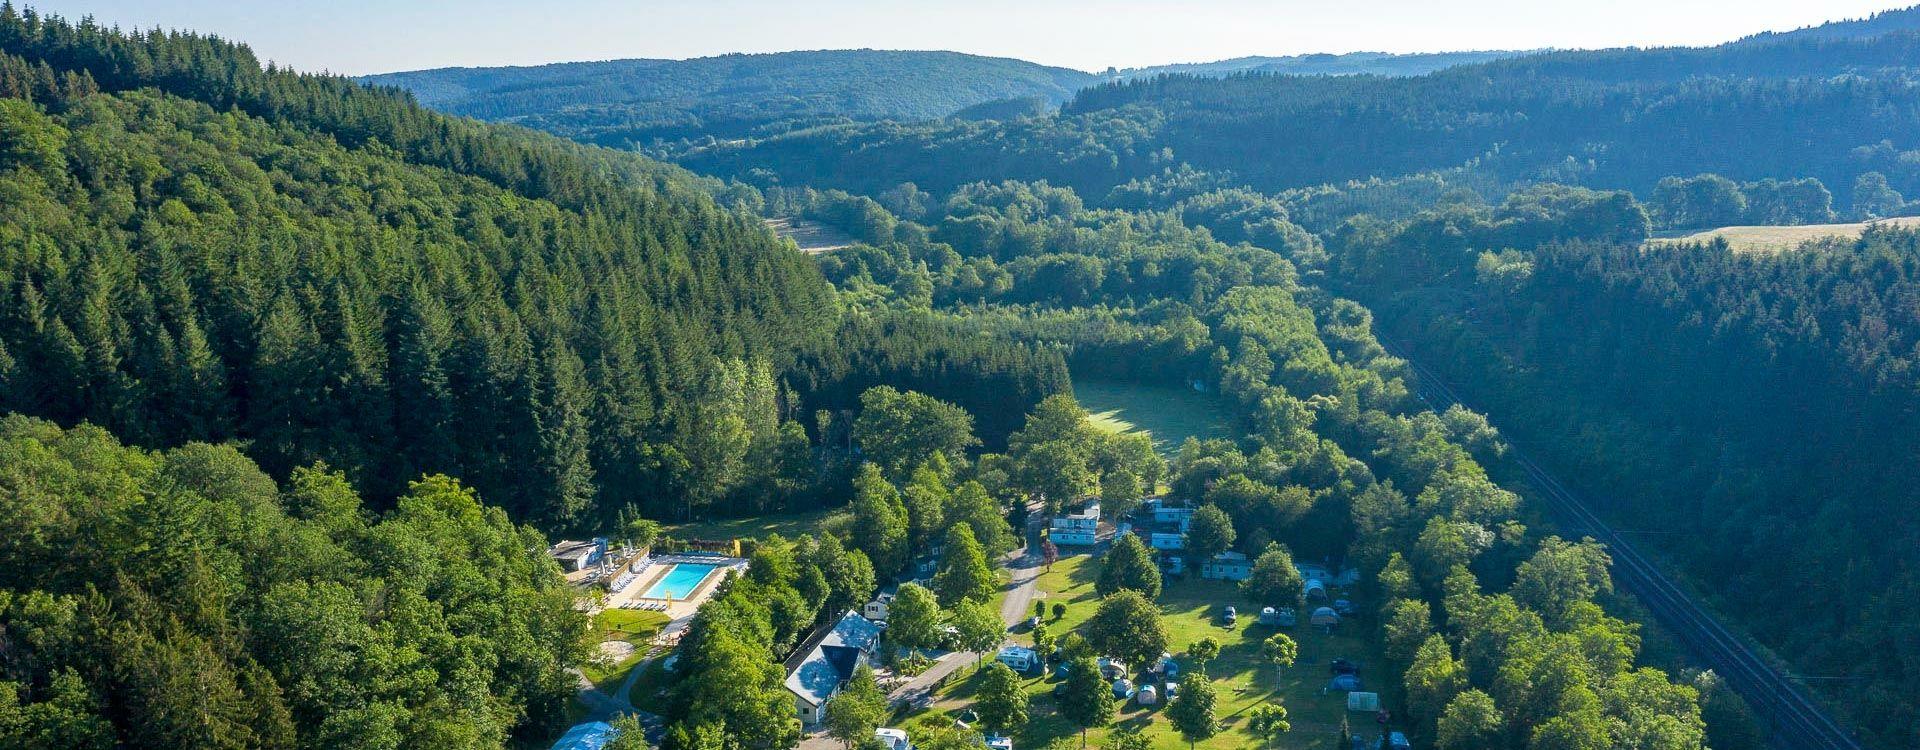 Campsite Parc La Clusure